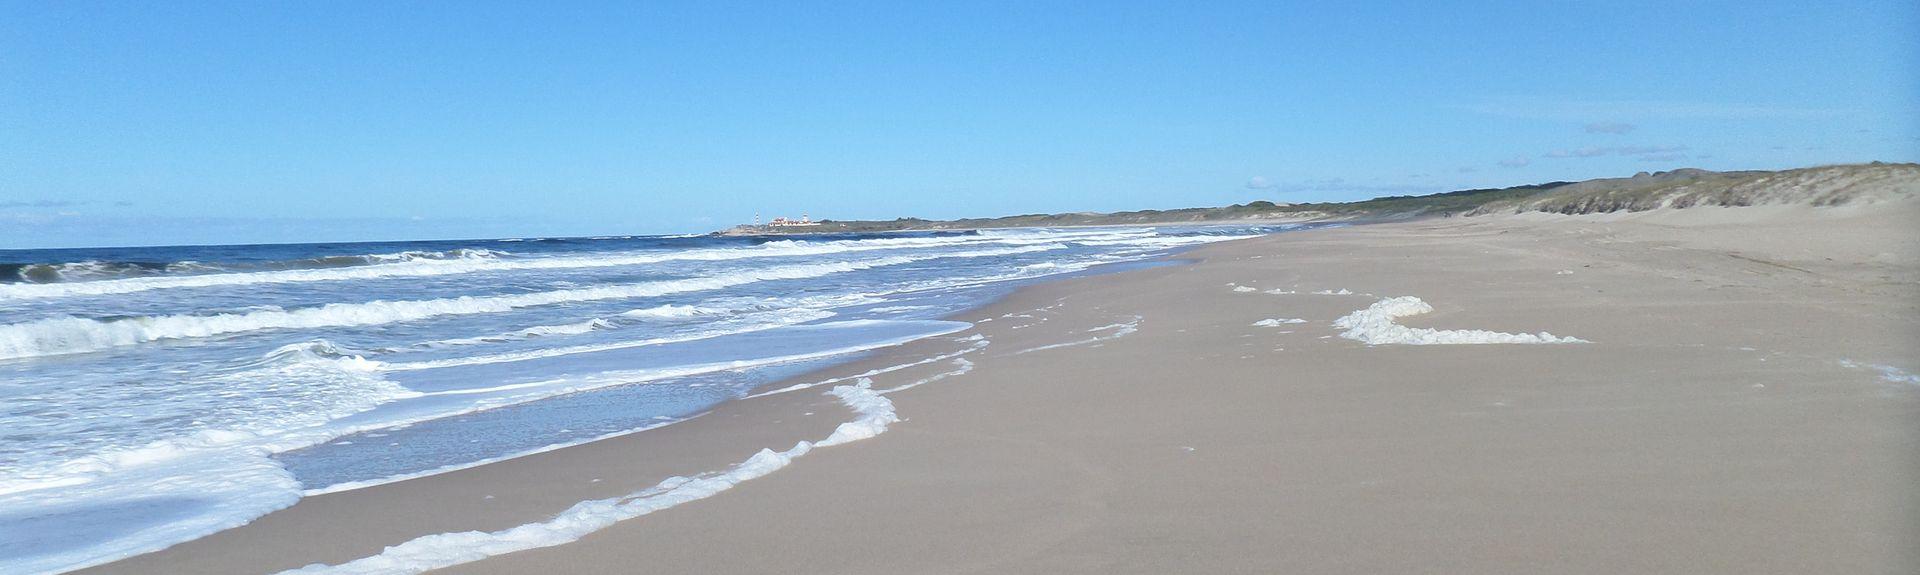 Rocha, Uruguay